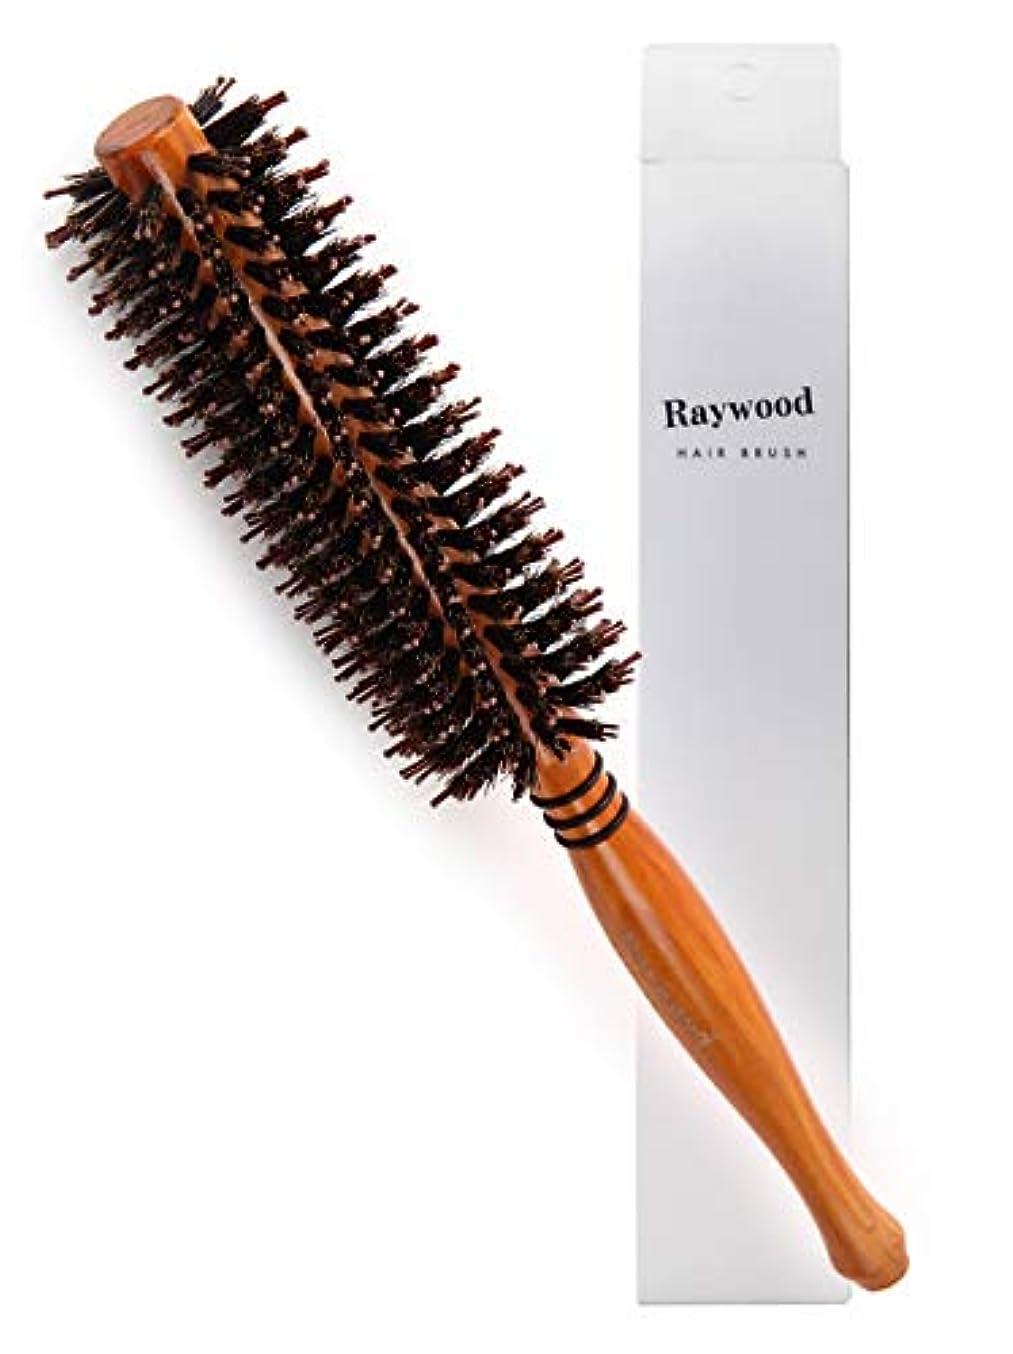 先祖サイレン海洋Raywood 天然ロールブラシ 豚毛 耐熱仕様 ブロー カール 巻き髪 ヘア ブラシ ロール (M)